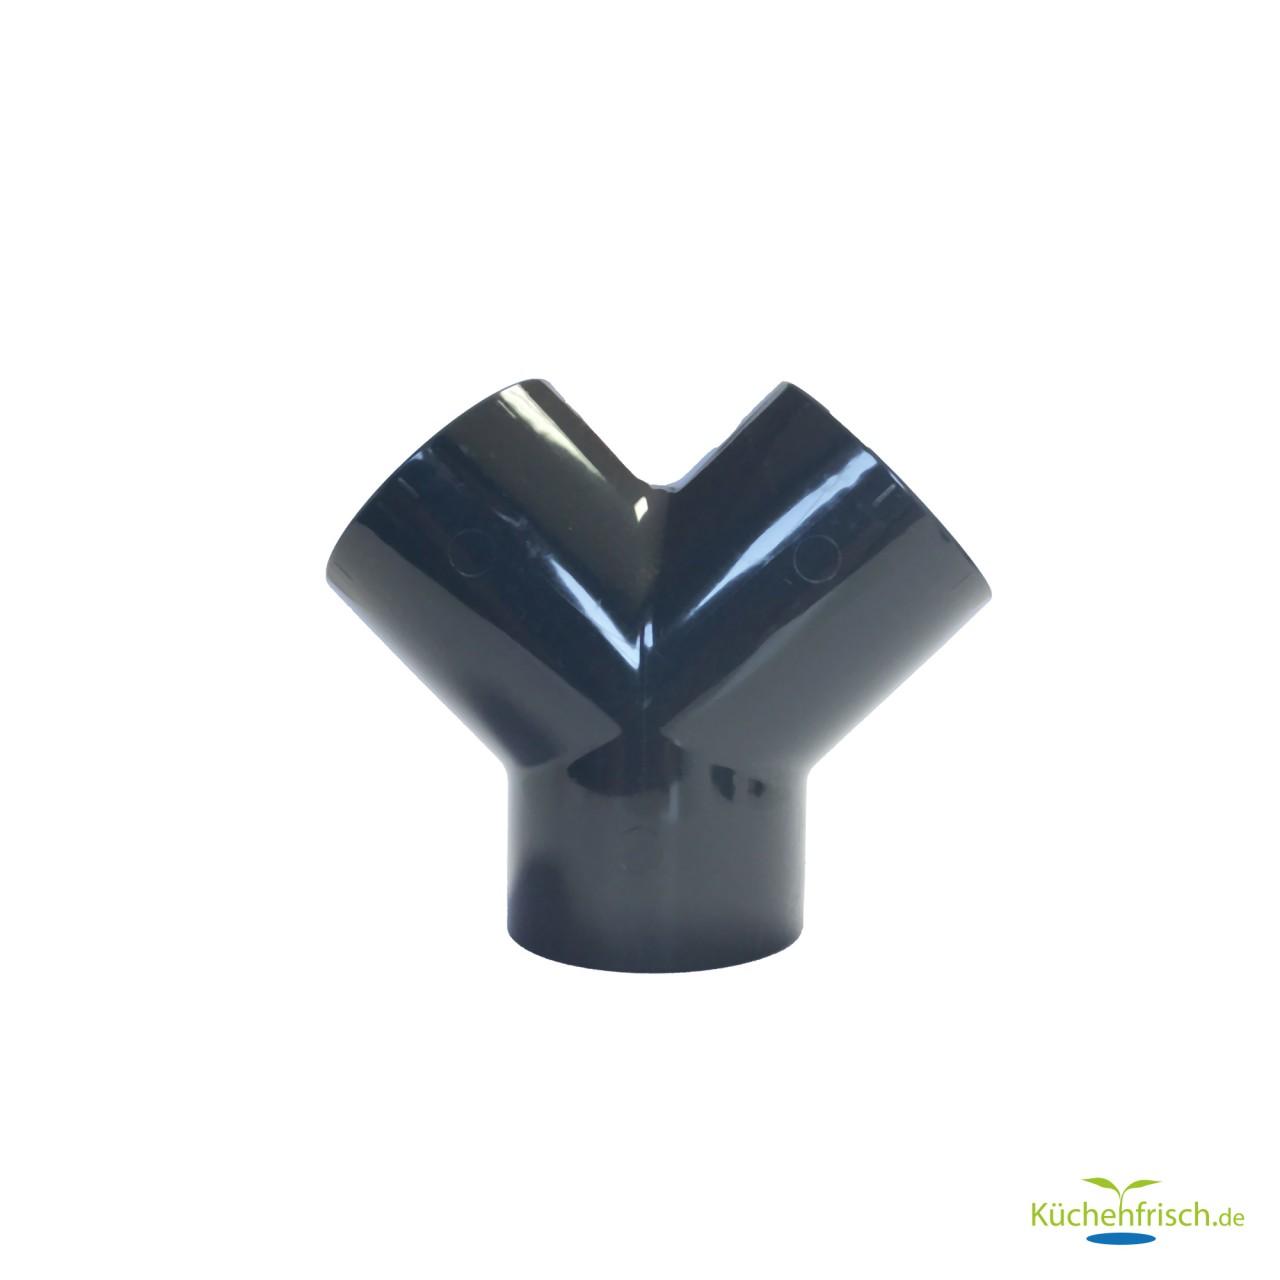 PVC-U Y-Stück 3fach Klebemuffe 50 mm